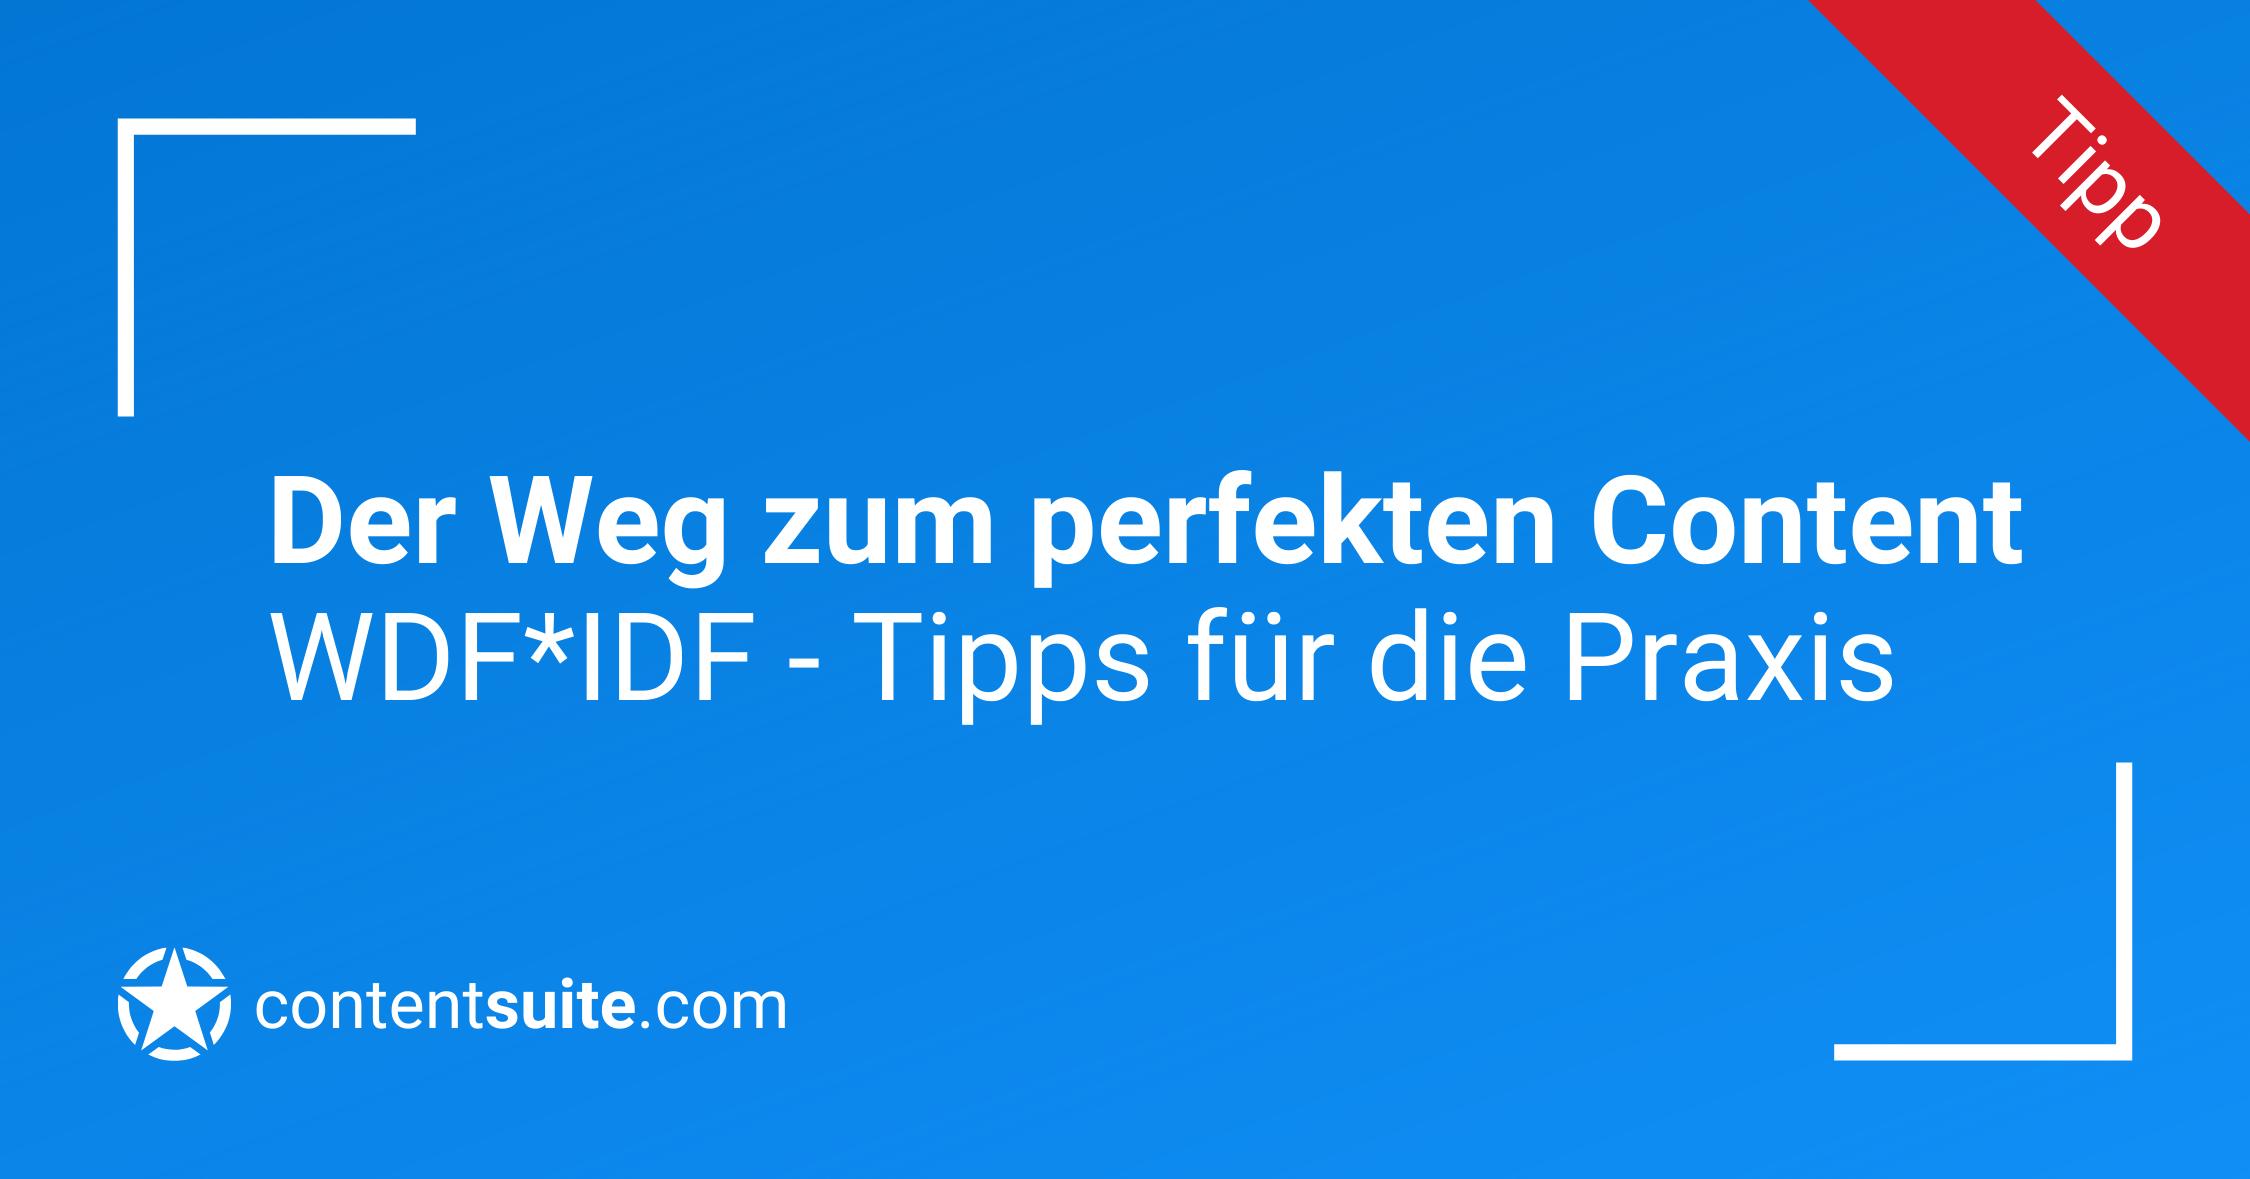 WDF*IDF Tipps für die Praxis